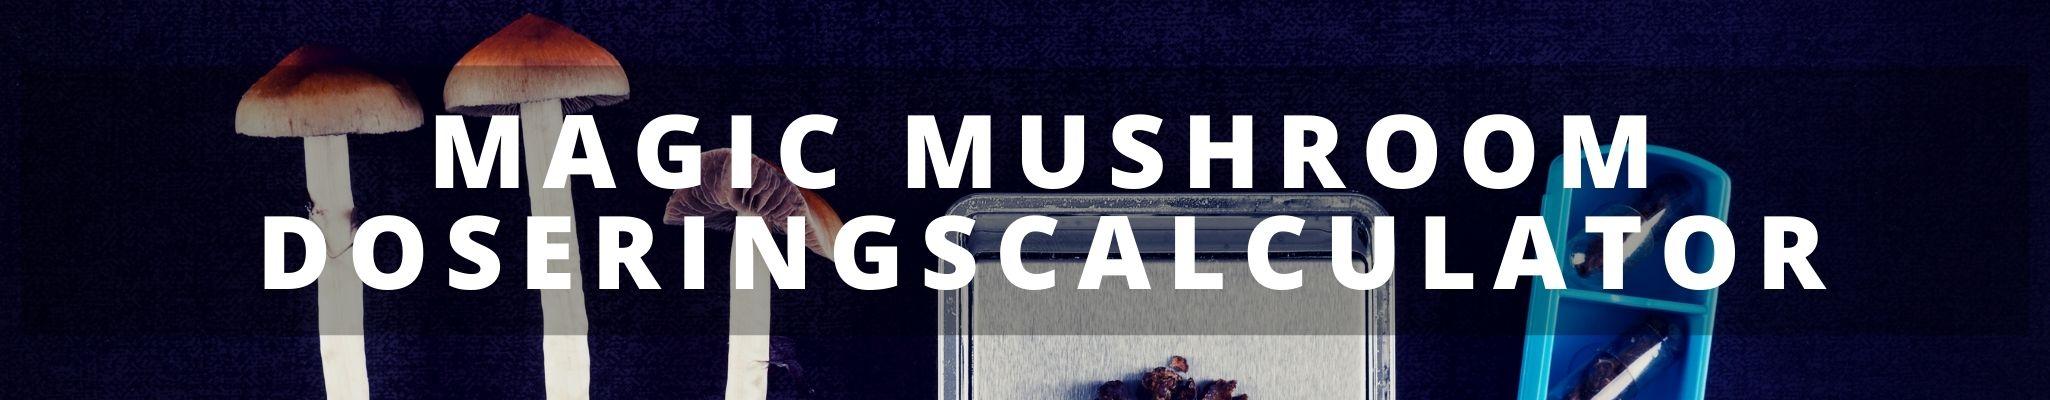 ✅ Magic Mushroom Doseringscalculator - bereken je dosis Paddos en Magic Truffels direct - Smartific.com